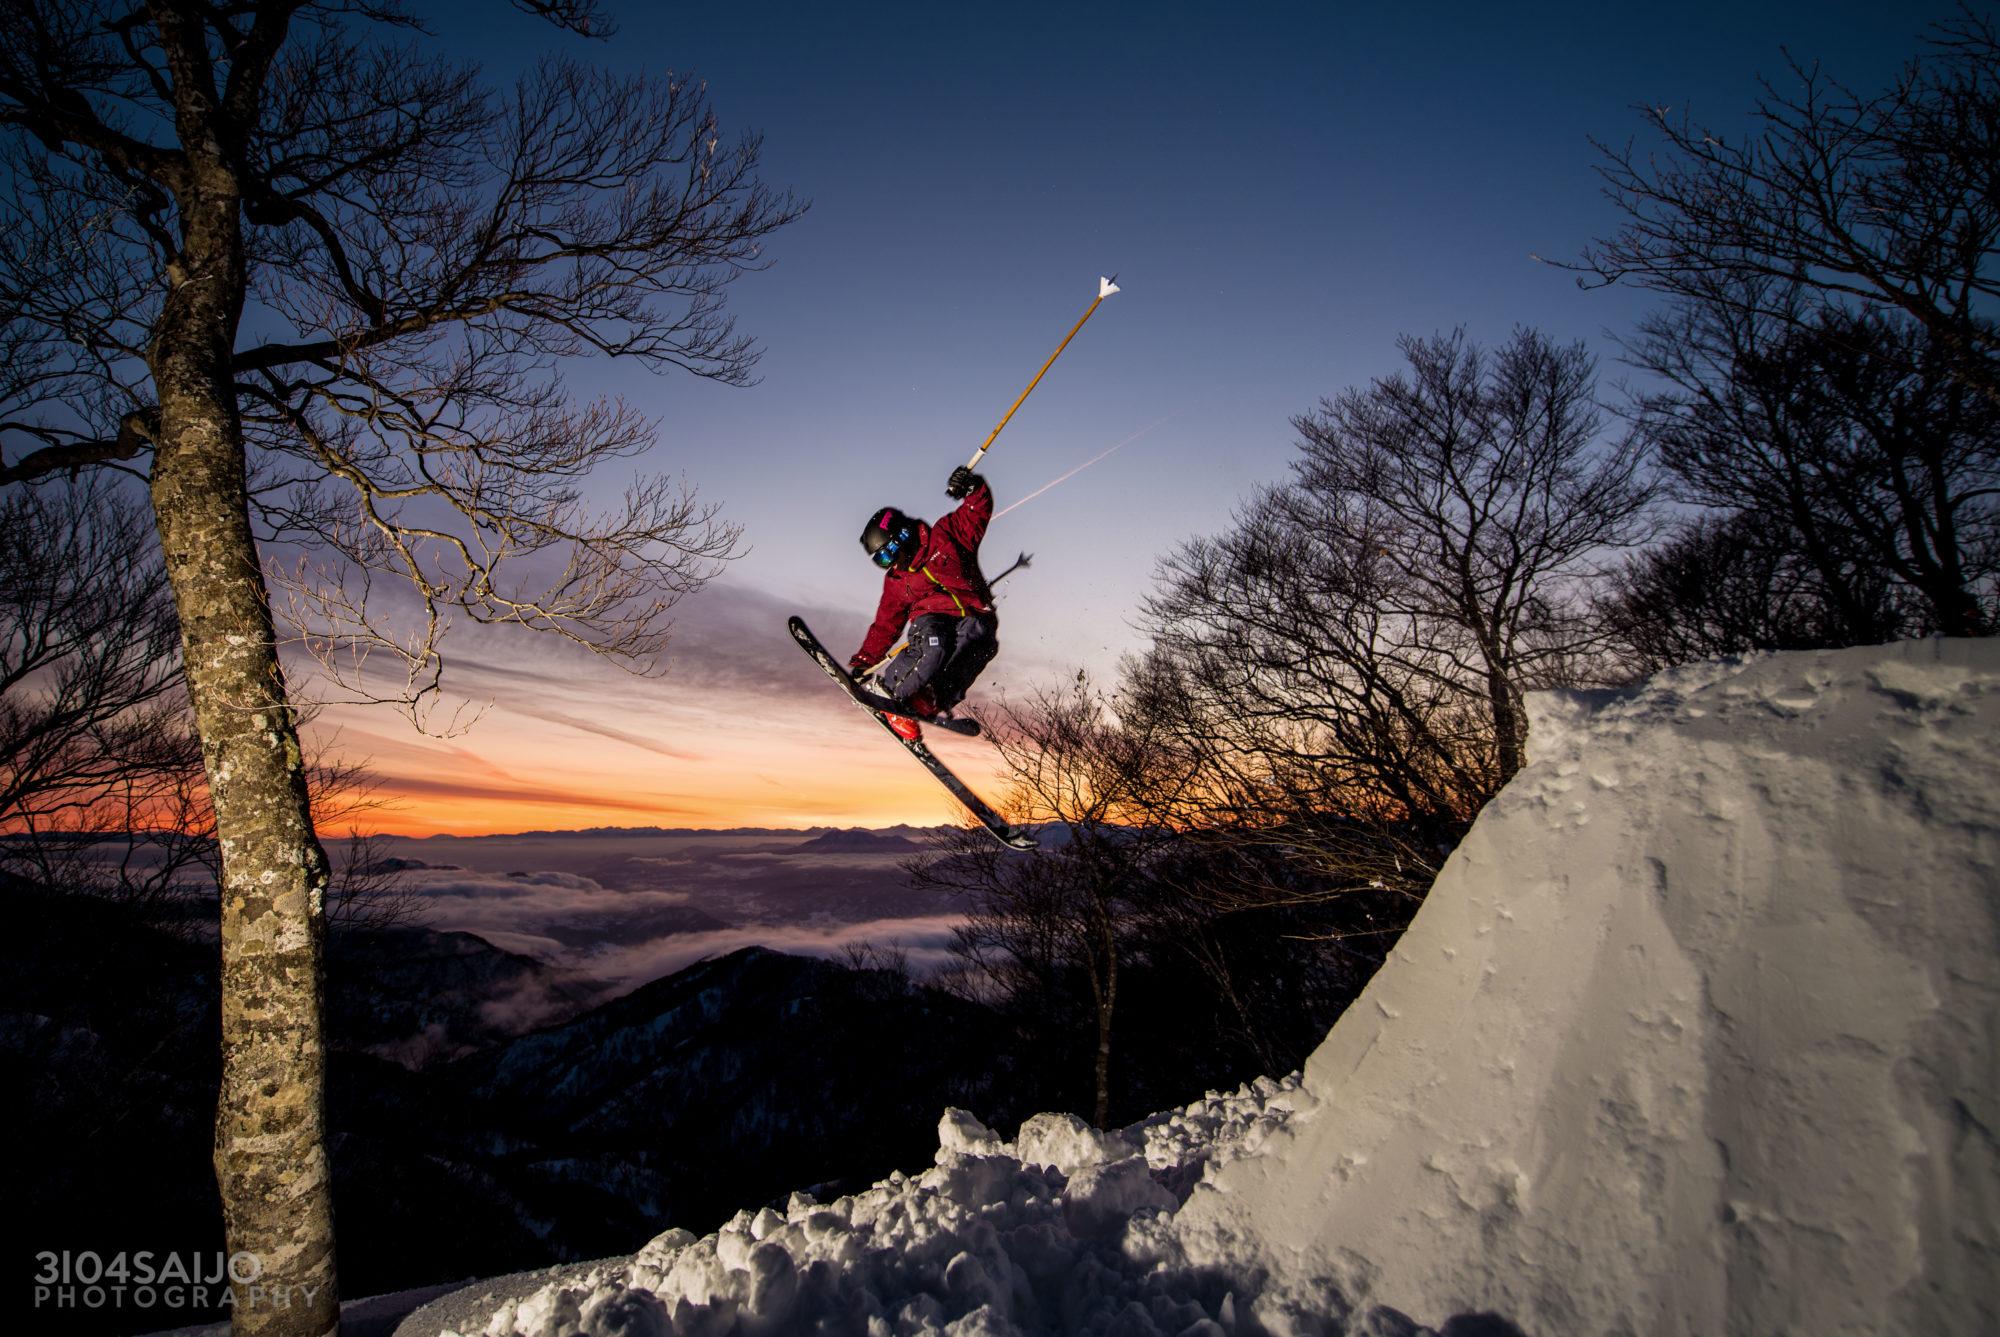 スキーヤー河野祥伍 photo by 西條聡